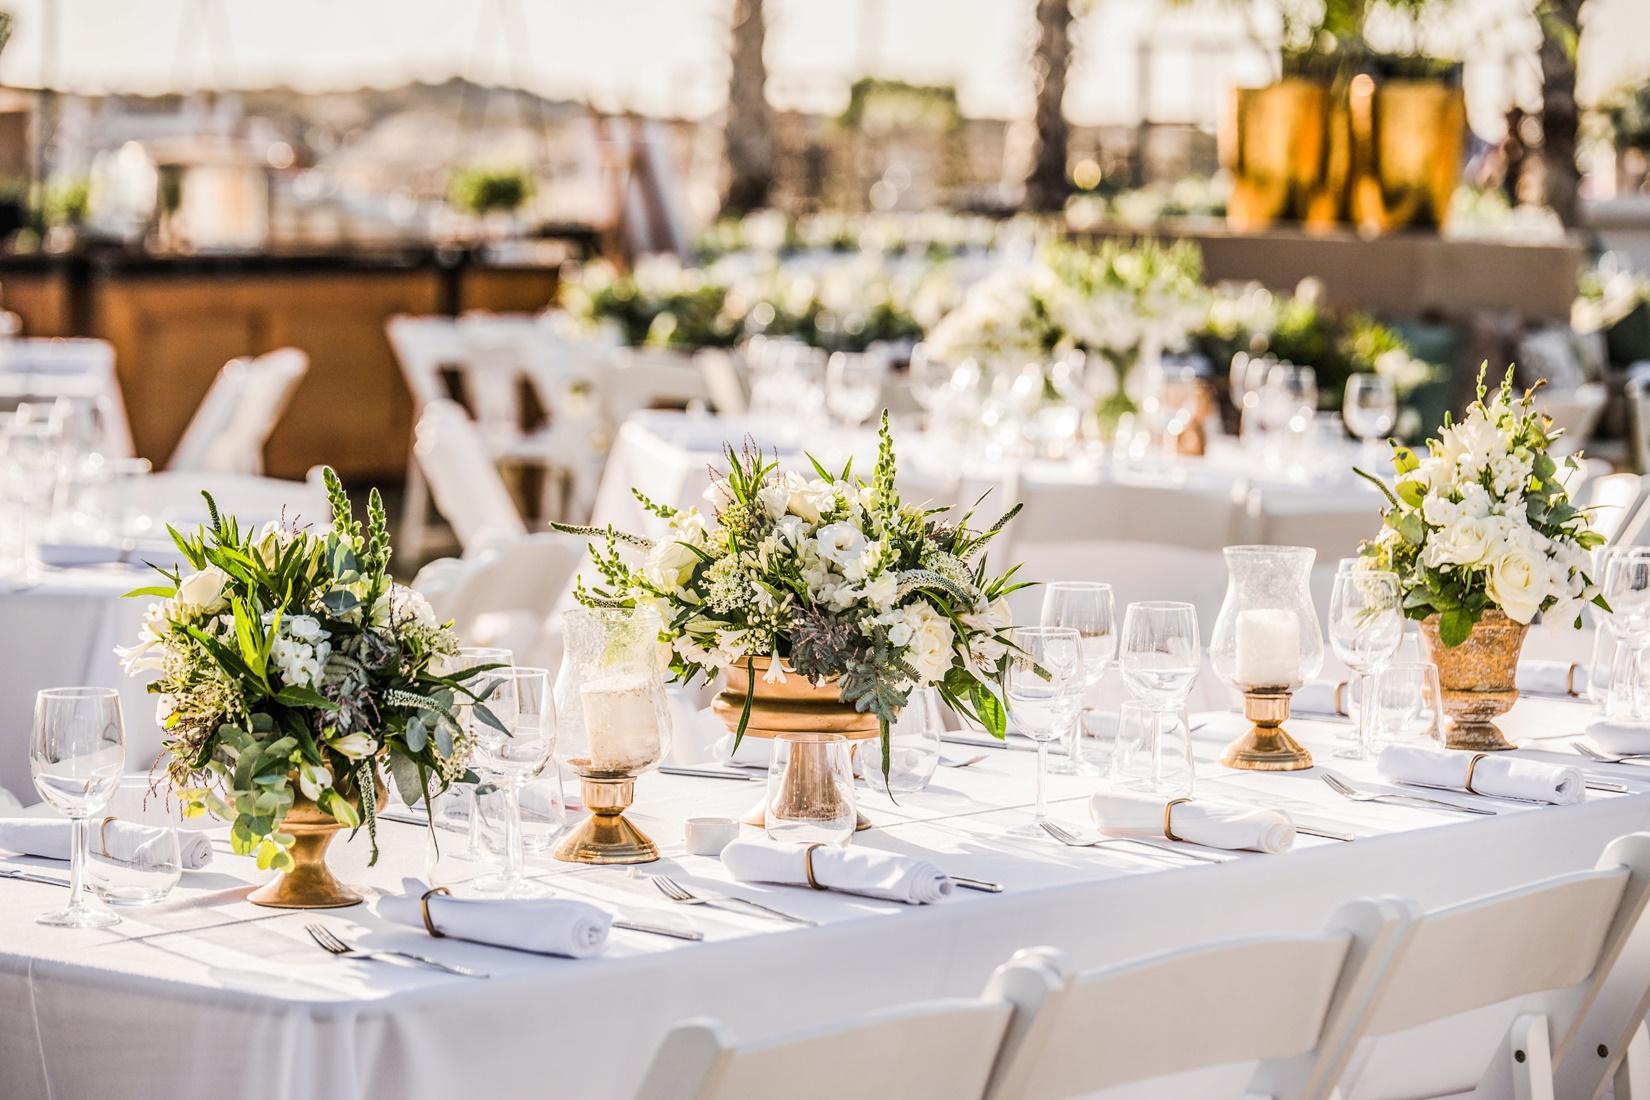 מסן פרנסיסקו לנחשולים: החתונה של סתיו ועמירם